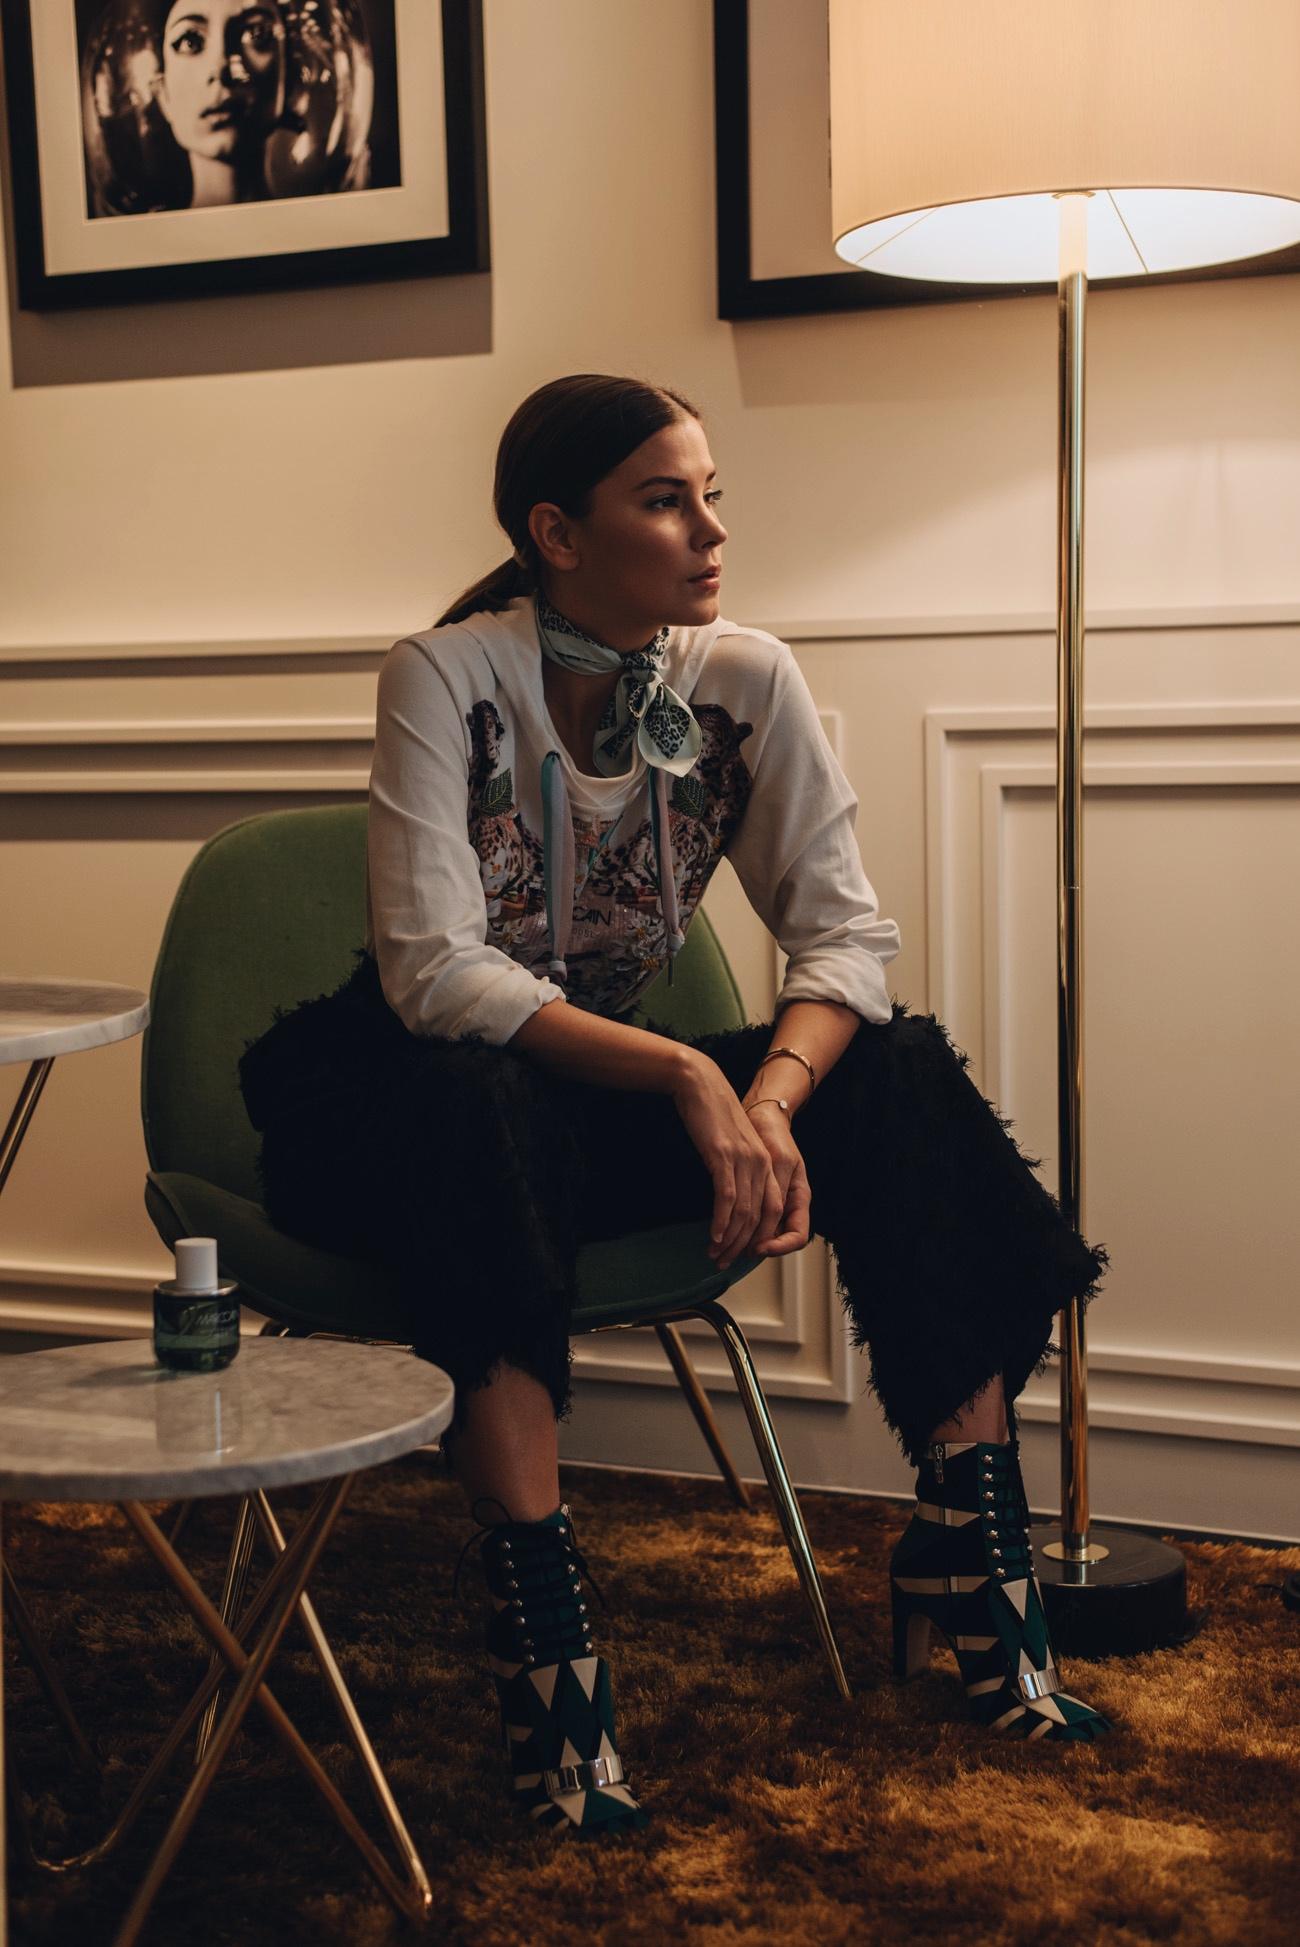 Roomers-Hotel-München-Zimmer-Einrichtung-Interior-Fashionblogger-München-Nina-Schwichtenberg-fashiioncarpet